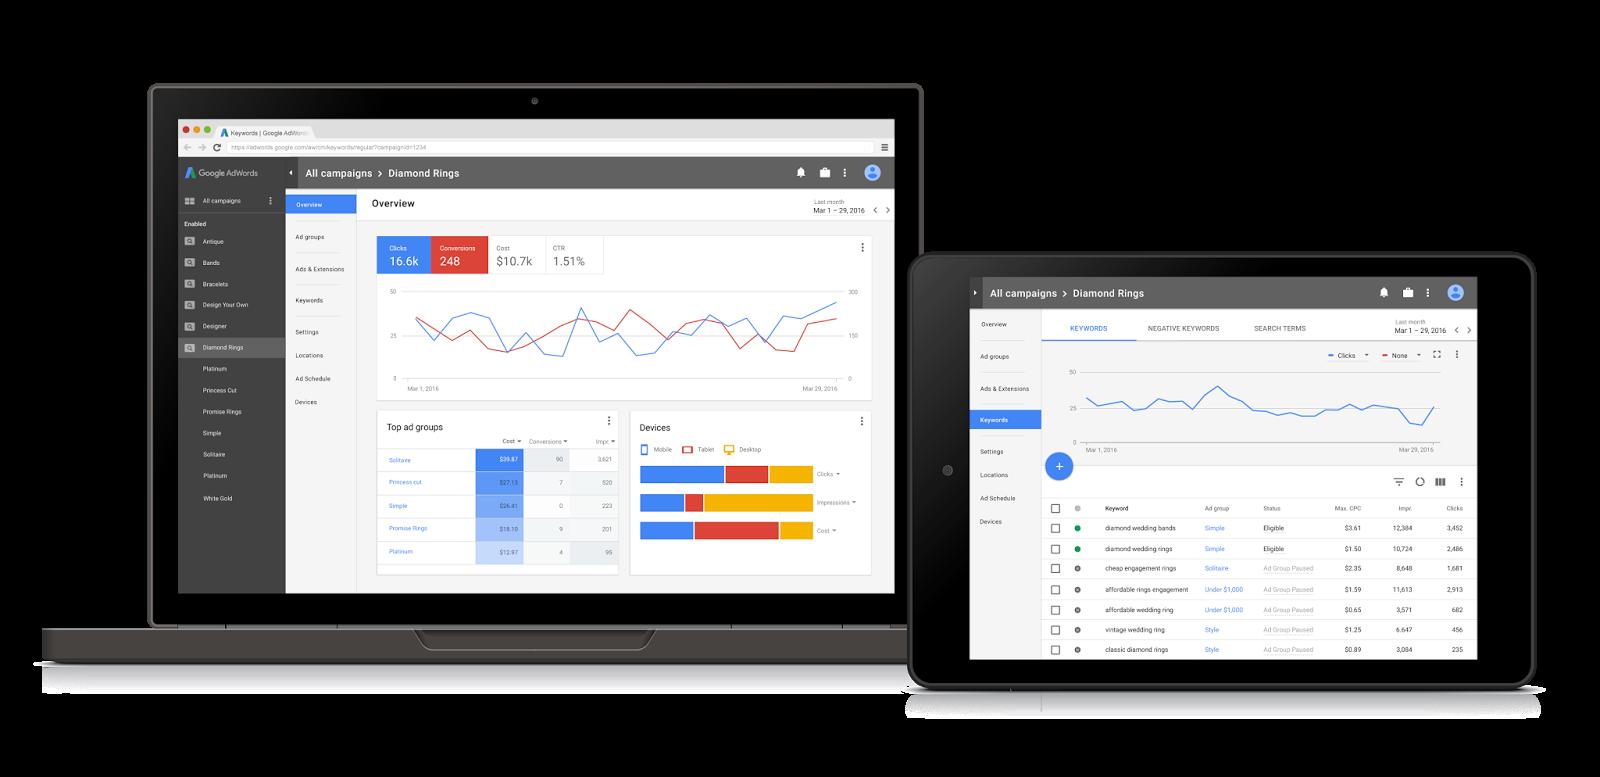 Google va revoir complètement le design de l'interface AdWords